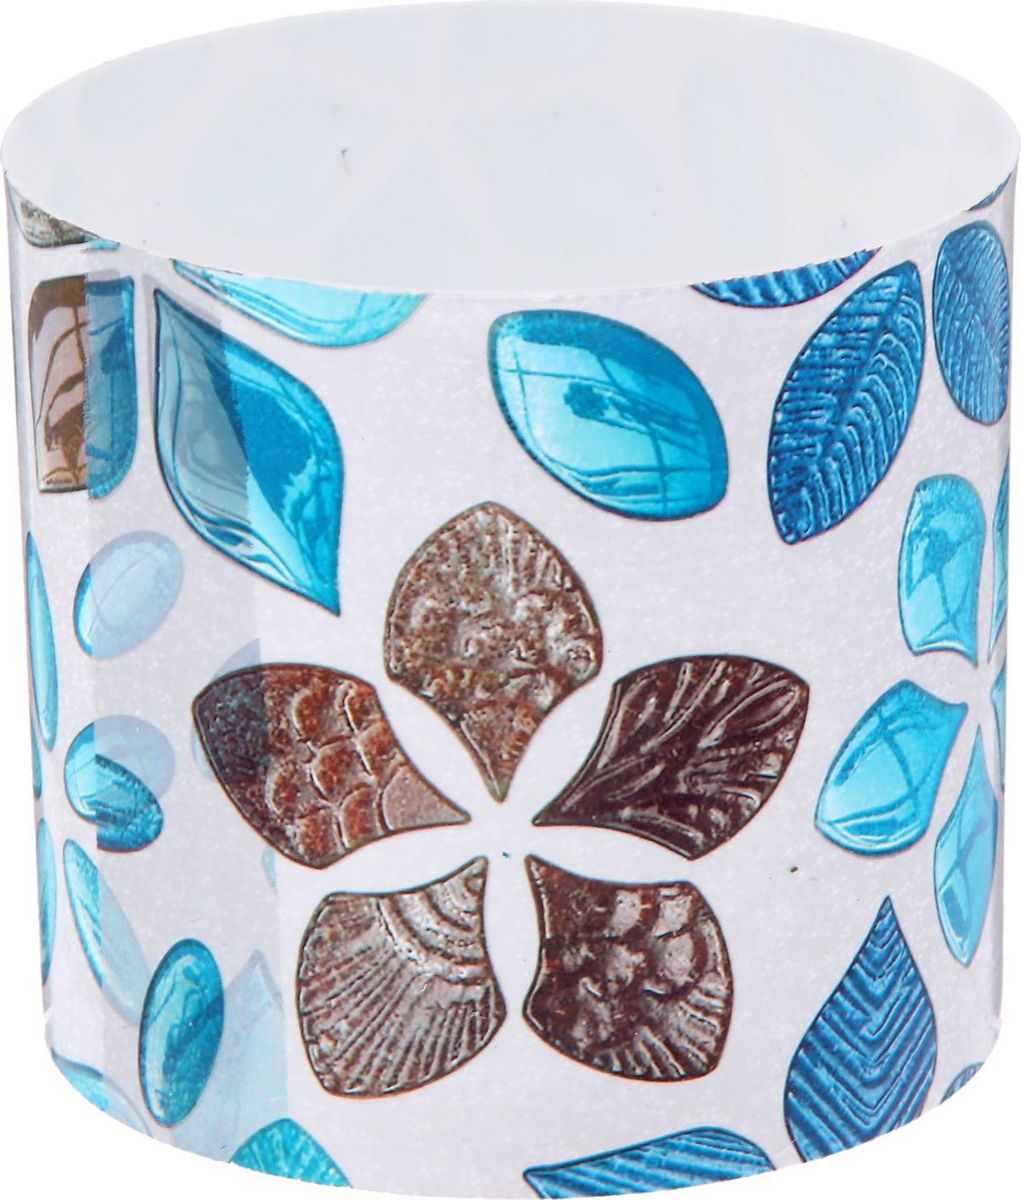 Горшок для цветов Simple Garden Стеклянные цветы, со скрытым поддоном, 1 л2265056Каждому хозяину периодически приходит мысль обновить свою квартиру, сделать ремонт, перестановку или кардинально поменять внешний вид каждой комнаты. Горшок со скрытым поддоном Simple Garden Стеклянные цветы - привлекательная деталь, которая поможет воплотить вашу интерьерную идею, создать неповторимую атмосферу в вашем доме. Окружите себя приятными мелочами, пусть они радуют глаз и дарят гармонию.